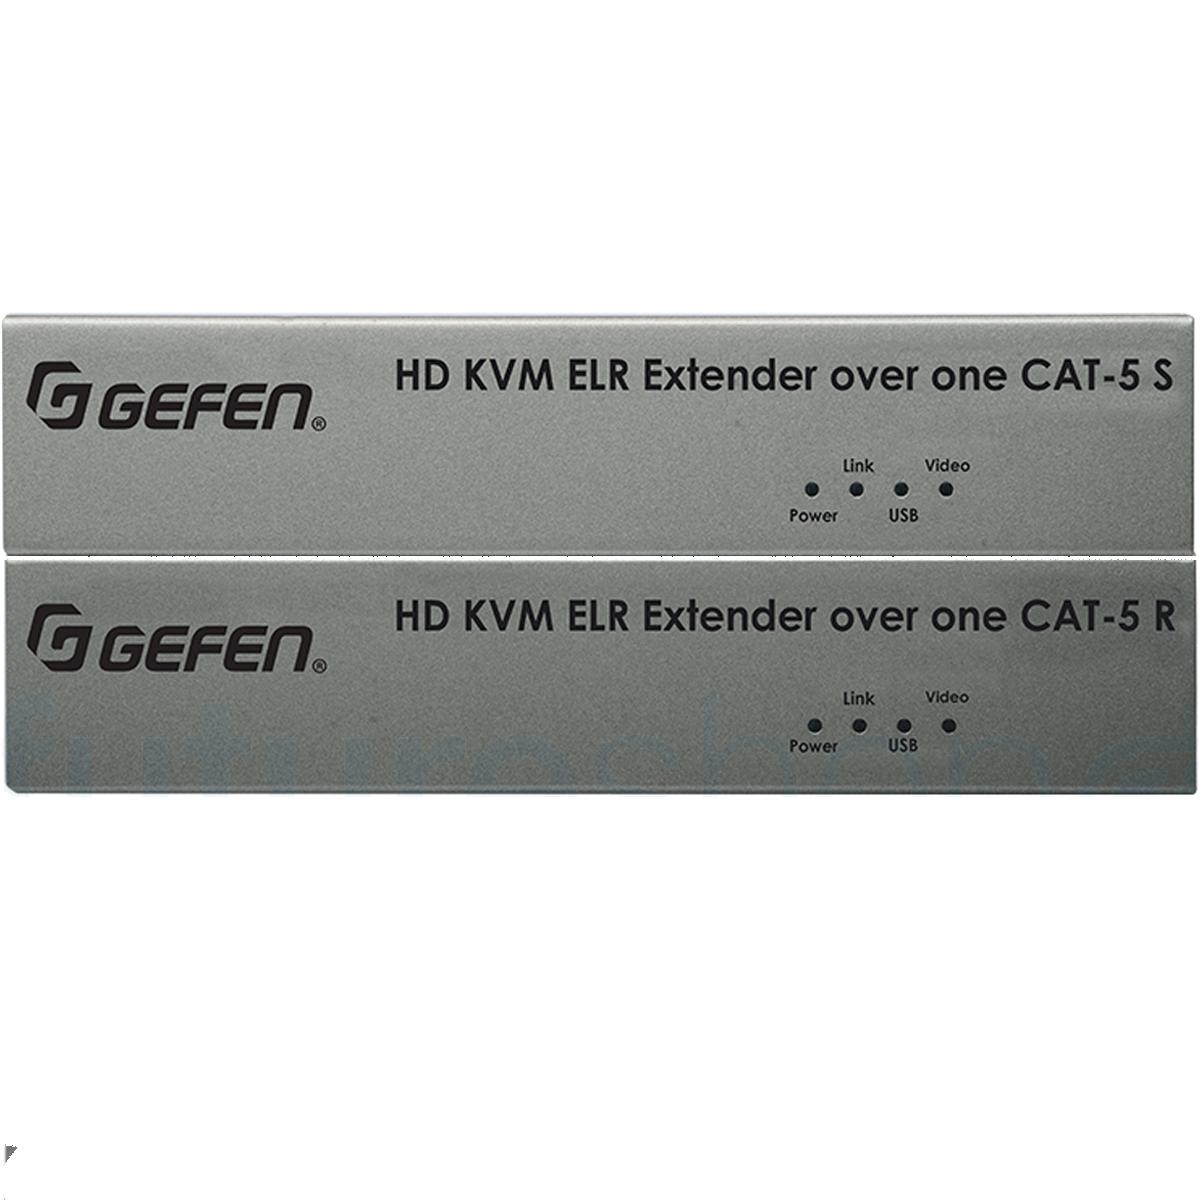 HDMI KVM Extenders